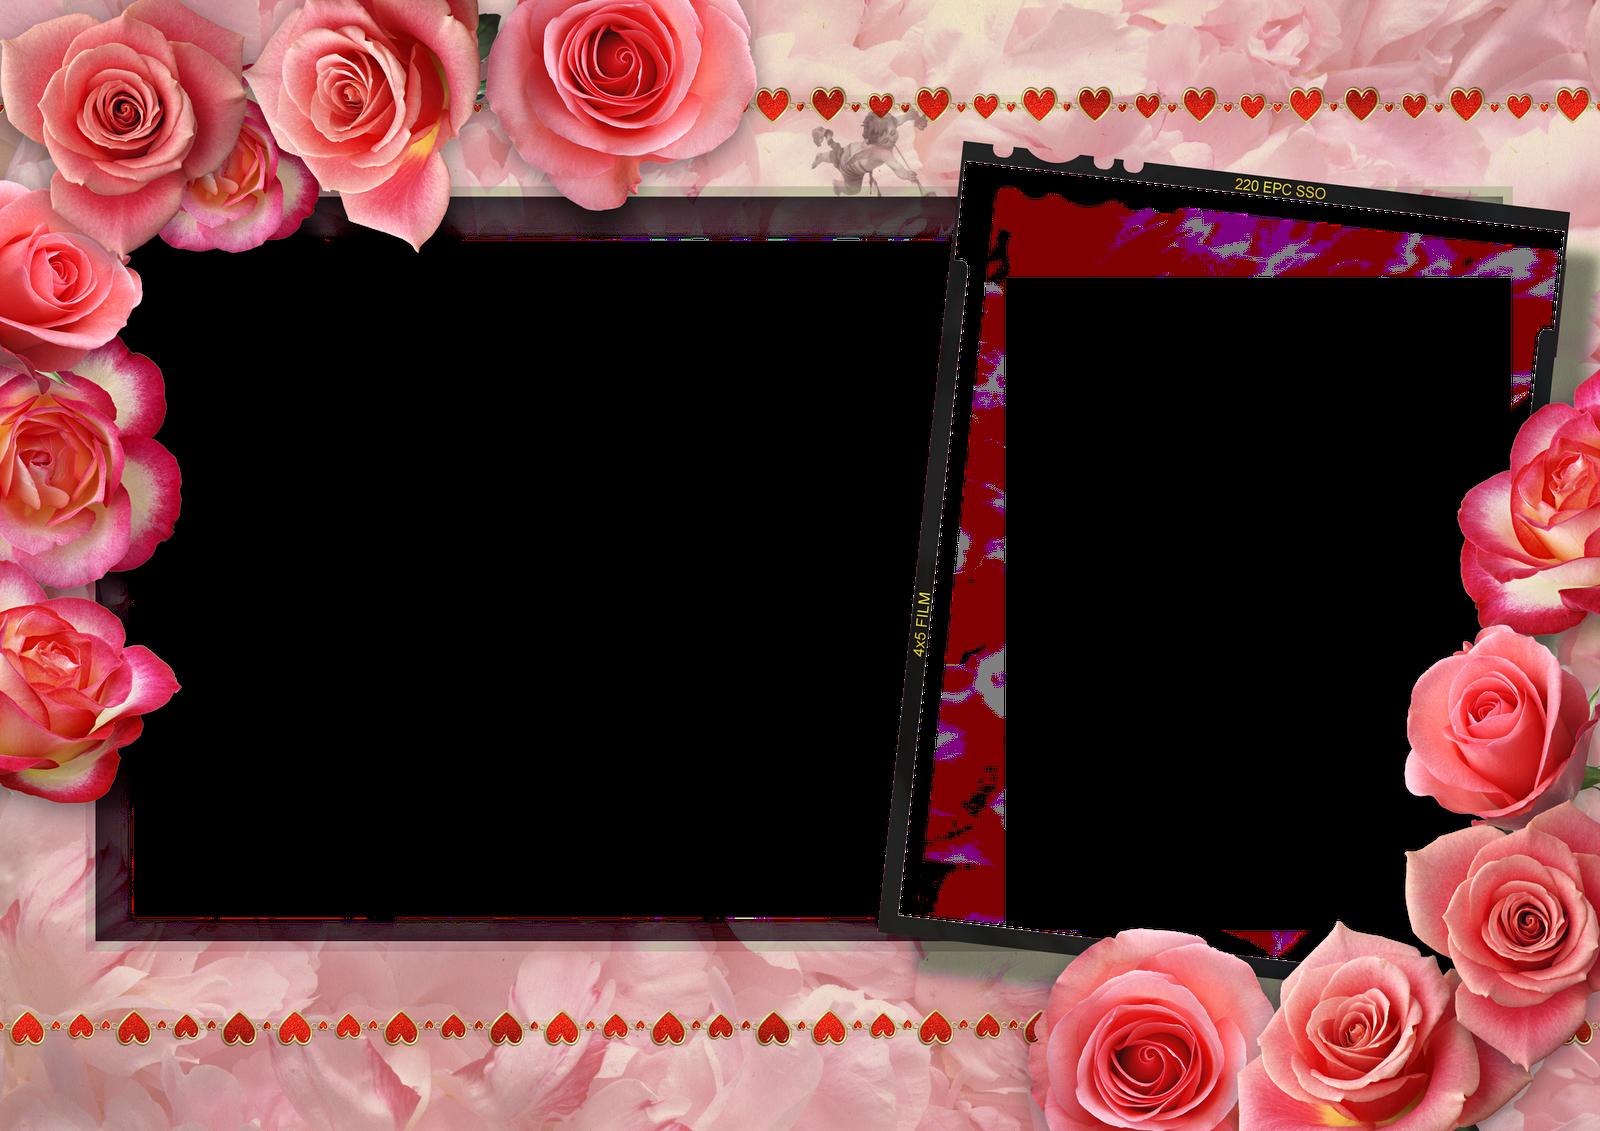 Marcospng fotos karenliz marcos de flores png - Marco 4 fotos ...